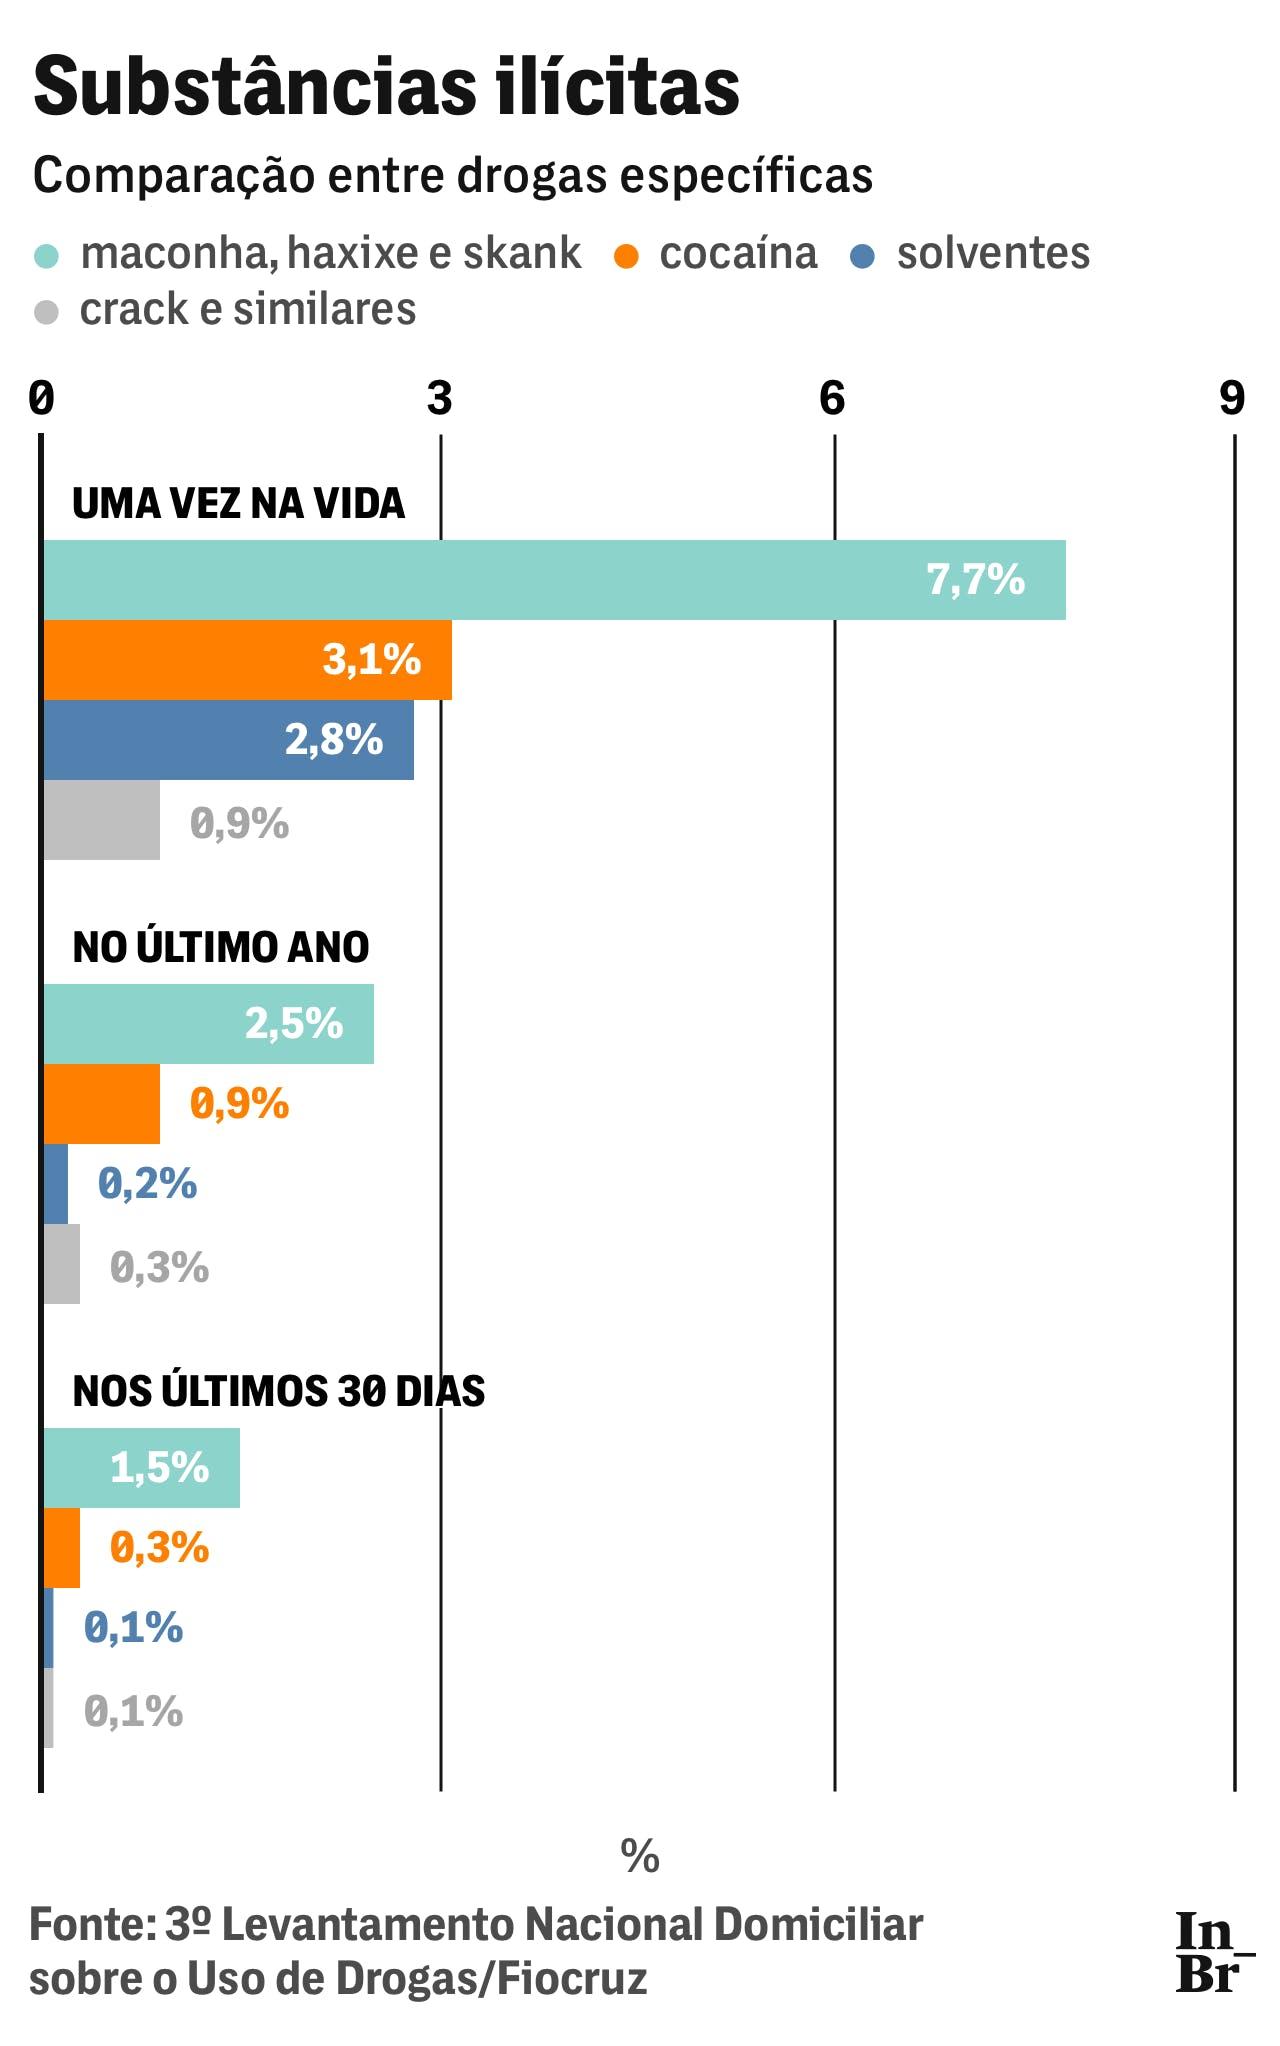 29 03 19 drogas grafico ilicitas 2 1553897347 Guerra à informação: Governo esconde levantamento nacional sobre o uso de drogas